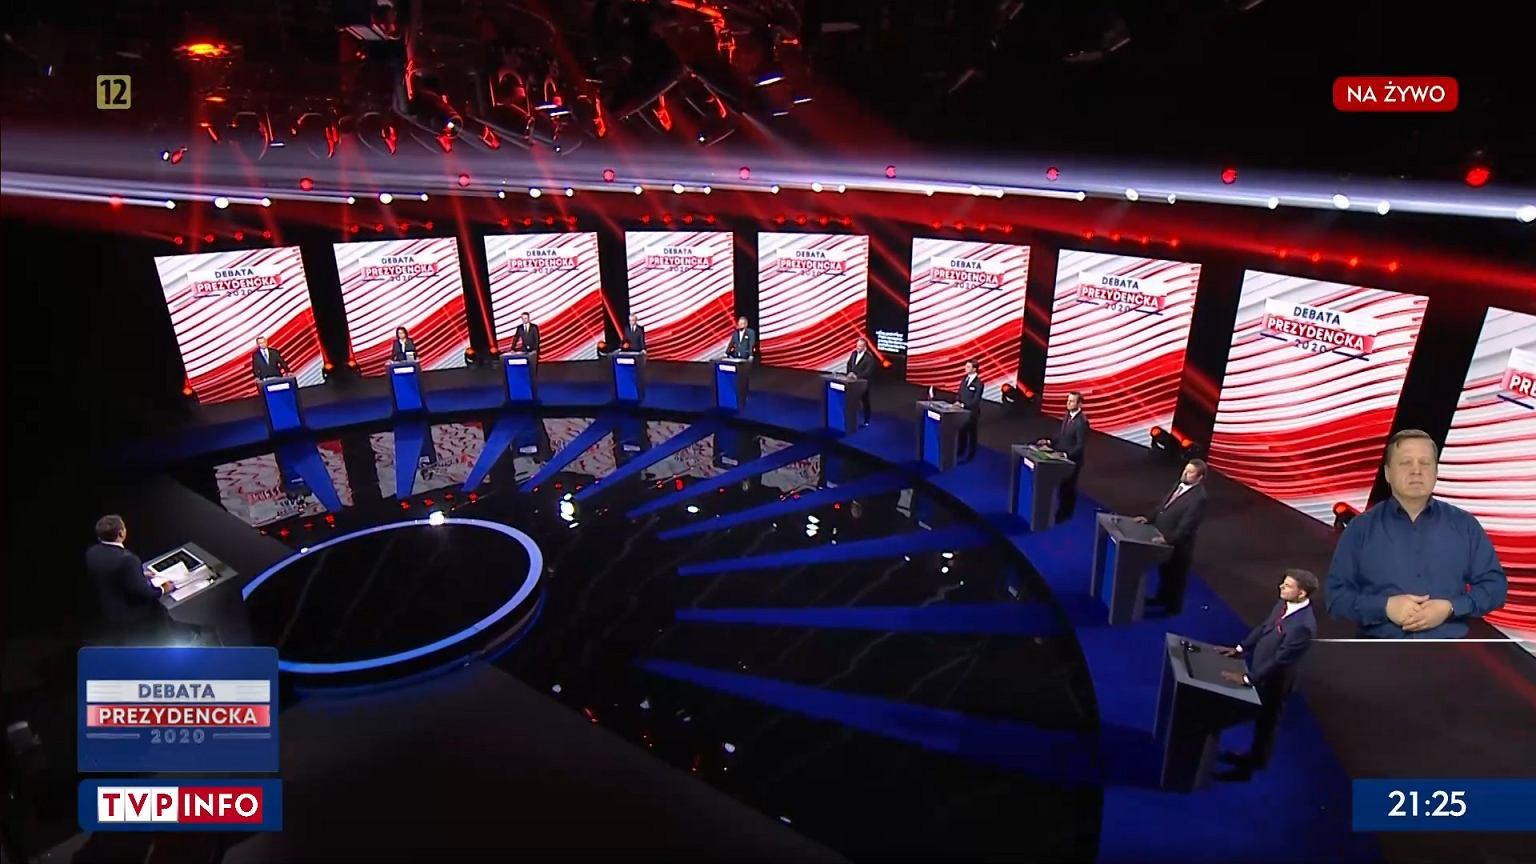 Wybory prezydenckie 2020. Debata prezydencka w TVP. O której godzinie? Kto weźmie udział?